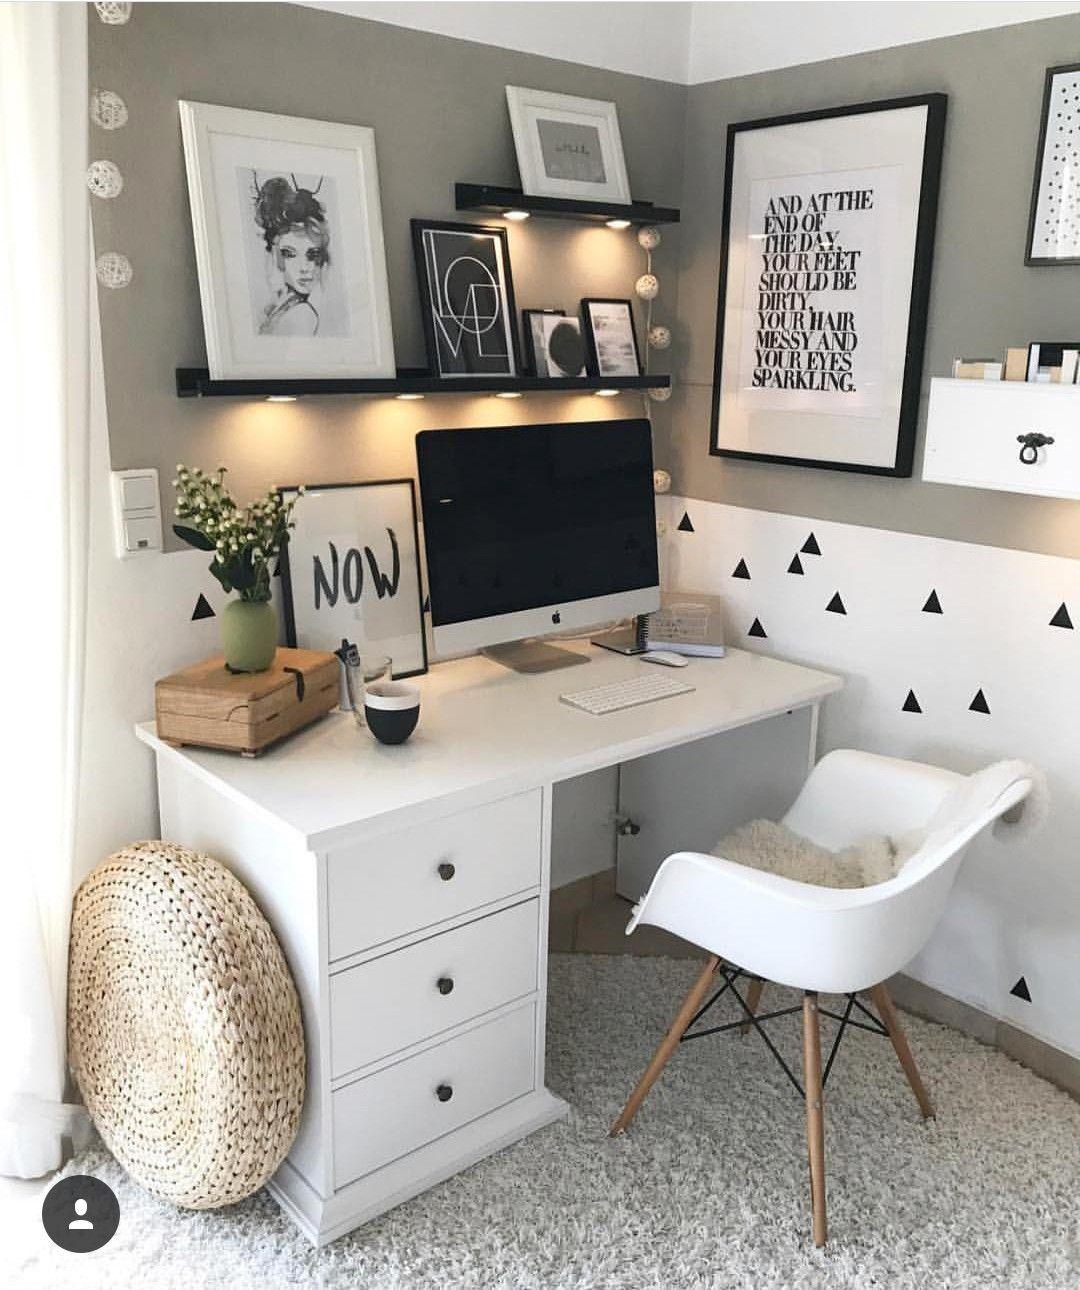 pin von kimiko home auf interior design pinterest arbeitszimmer buero und schreibtisch. Black Bedroom Furniture Sets. Home Design Ideas